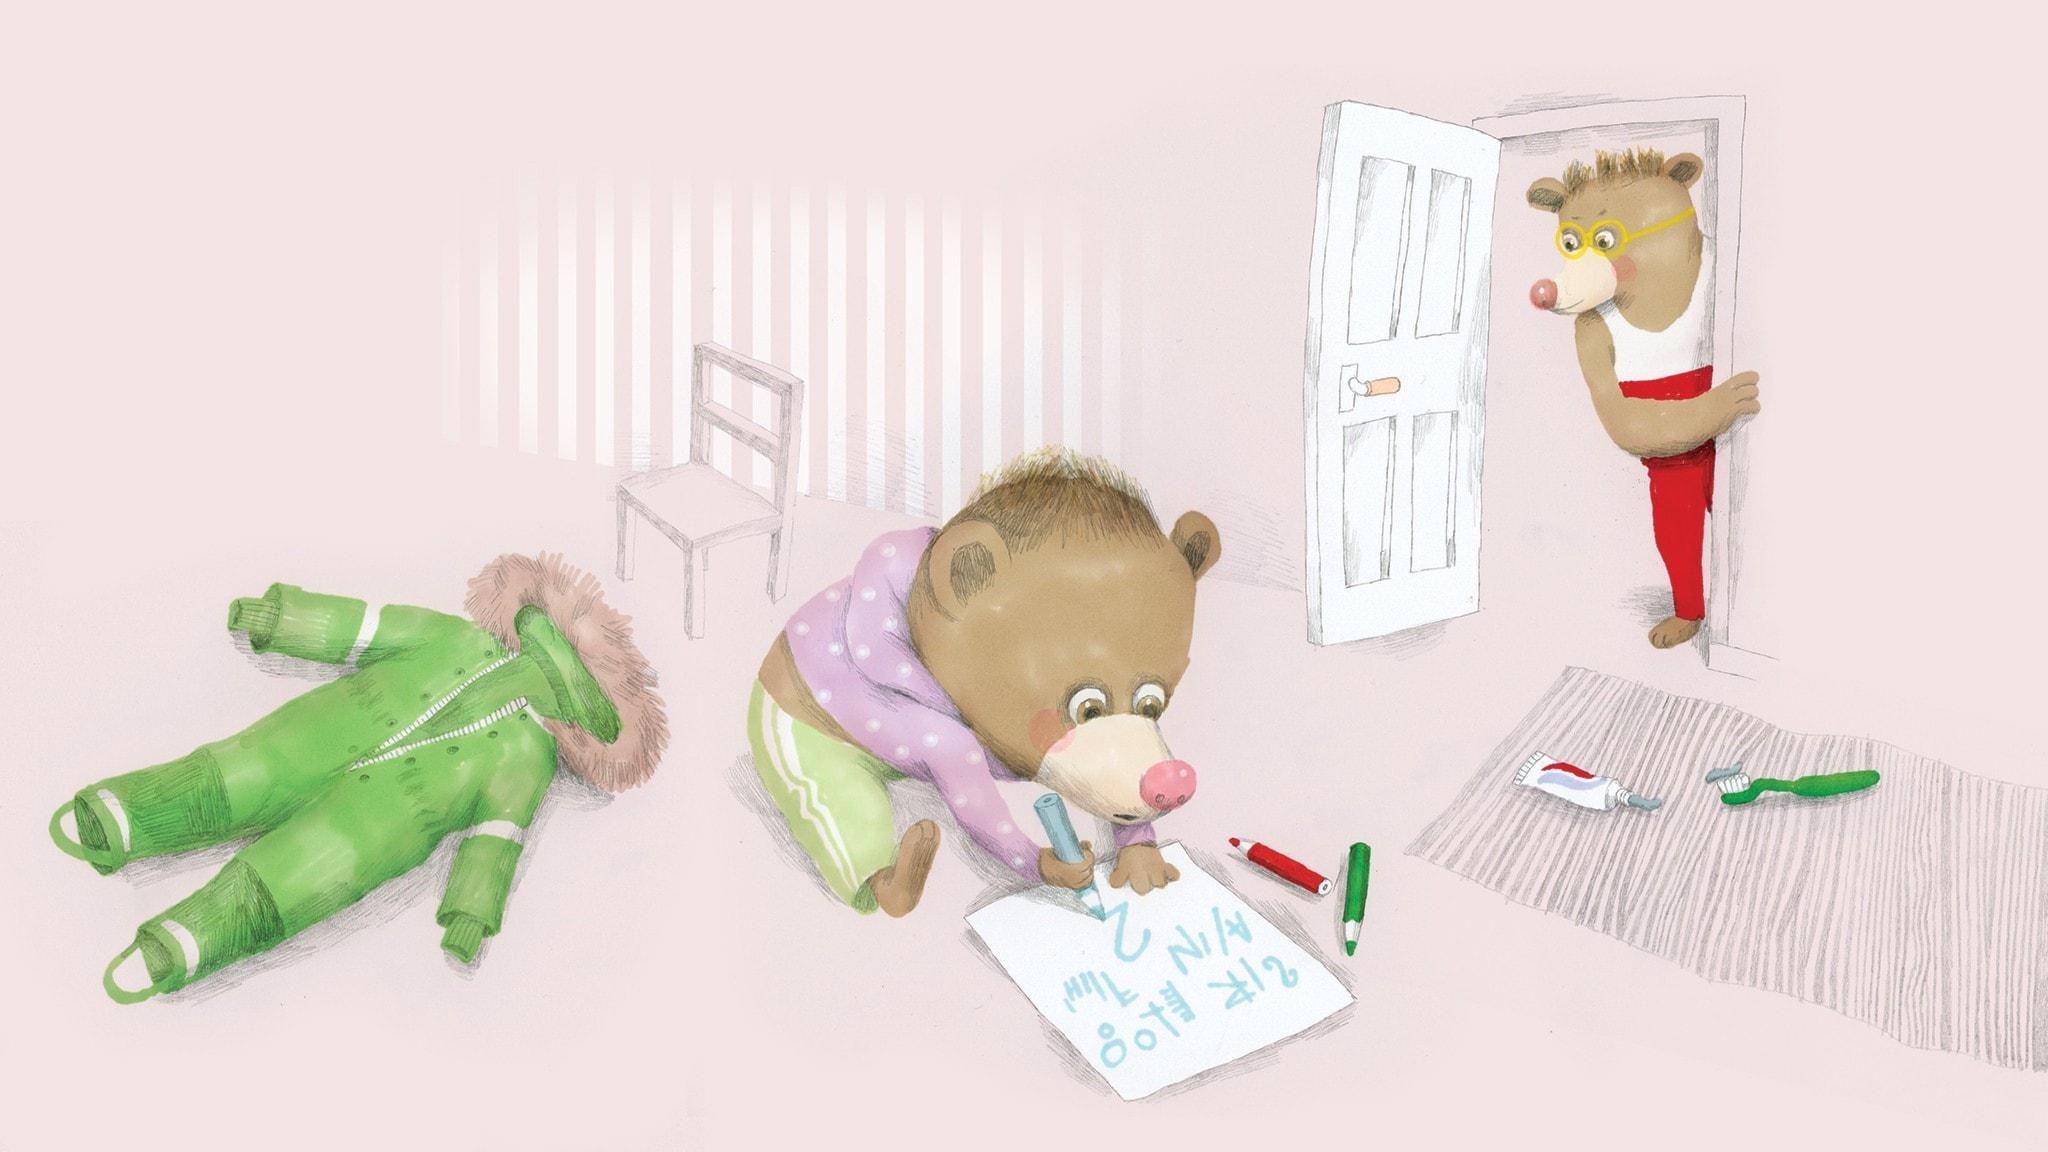 Nalle sitter på golvet och skriver en viktig lapp när pappa tittar in i hans rum, på golvet ligger en overall. Illustration: Lotta Geffenblad